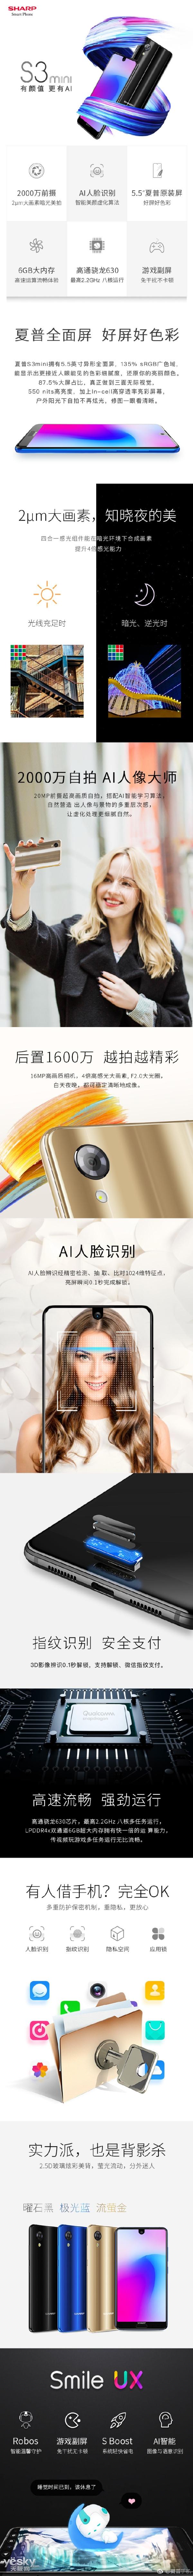 有颜值更有AI!Aquos S3 mini发布,美人尖屏+6GB内存,1599元